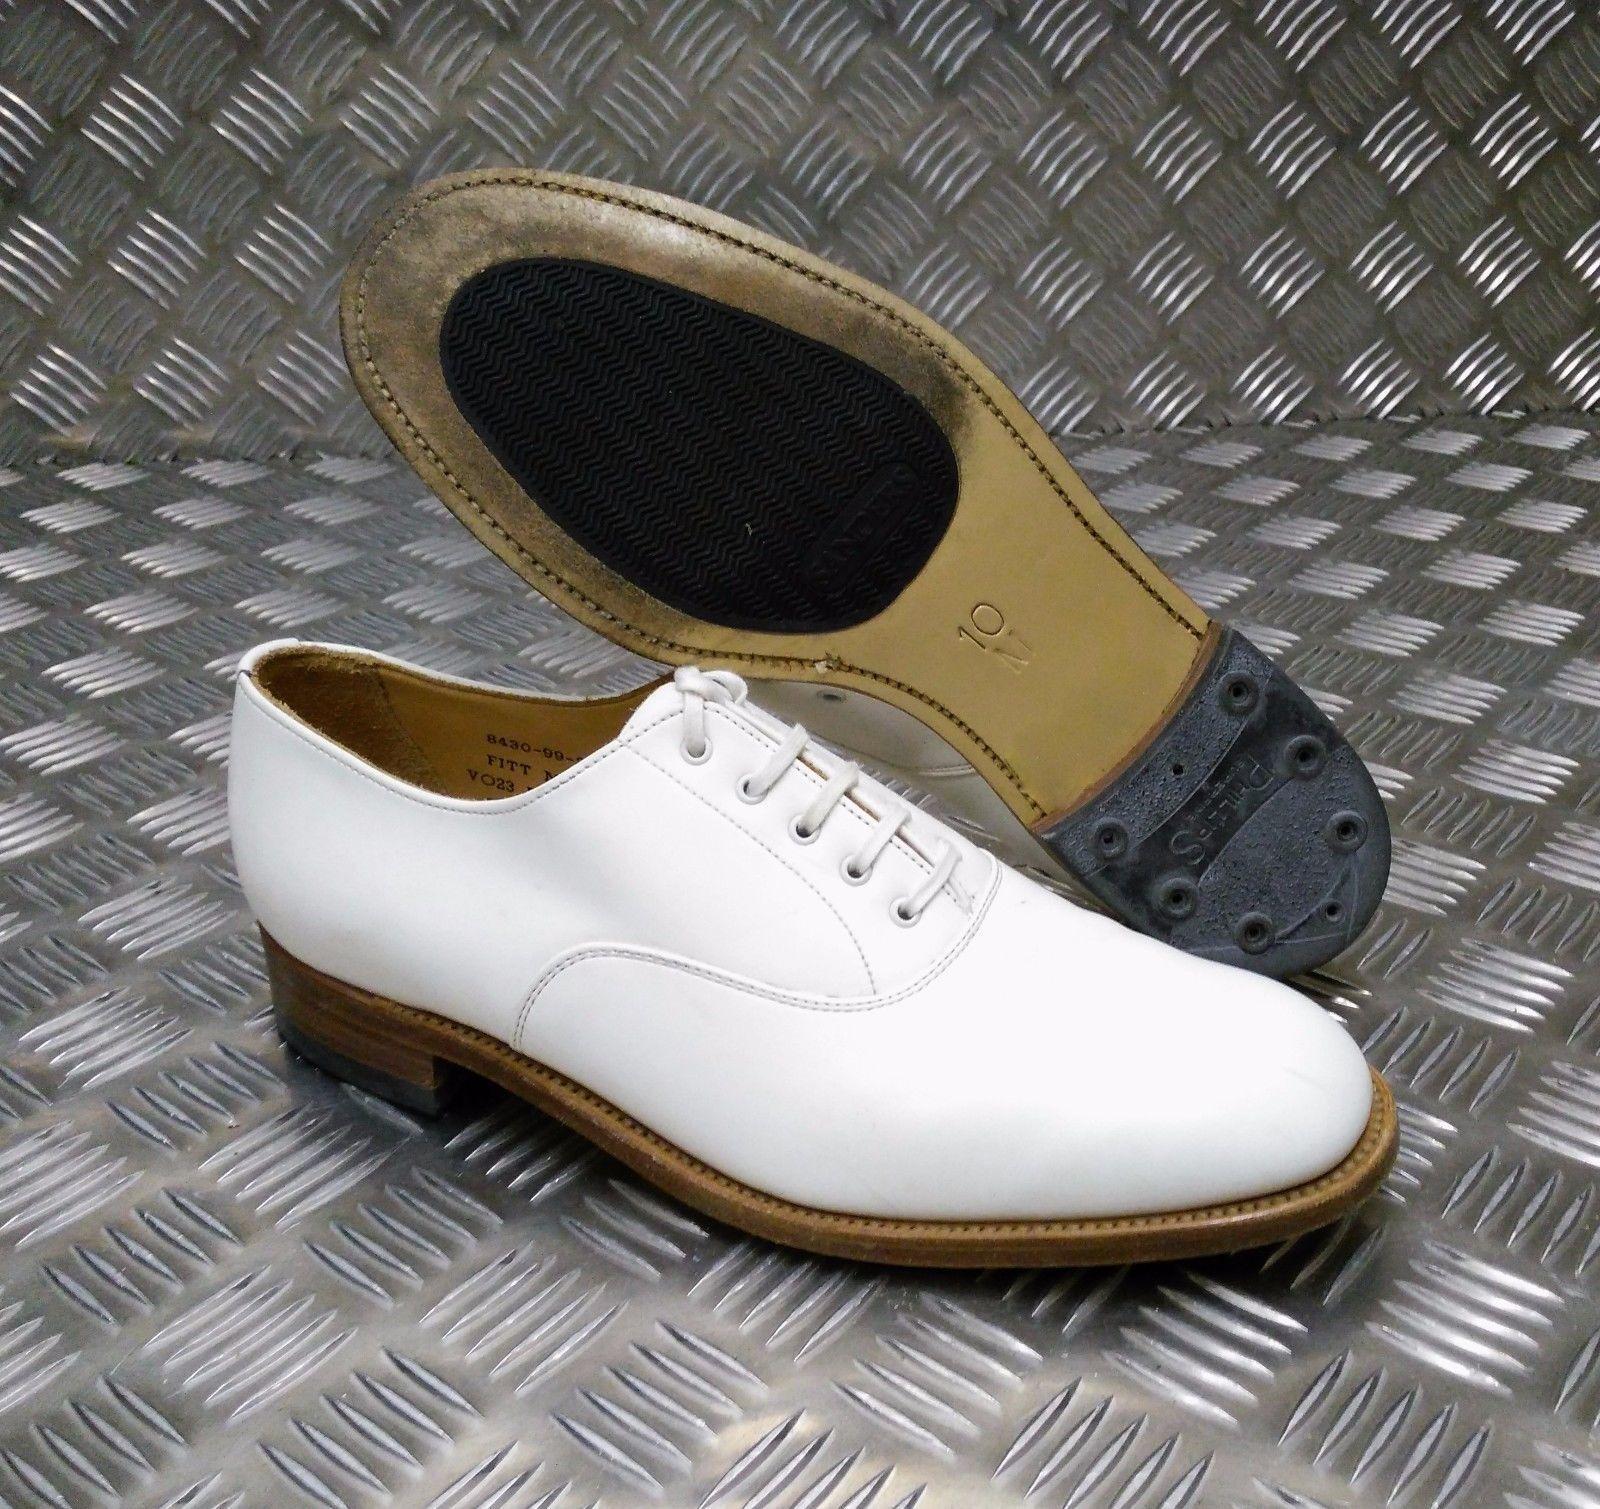 Echt British Navy Weißes Leder Parade/Formelle Schuhe Herren / Frau - alle